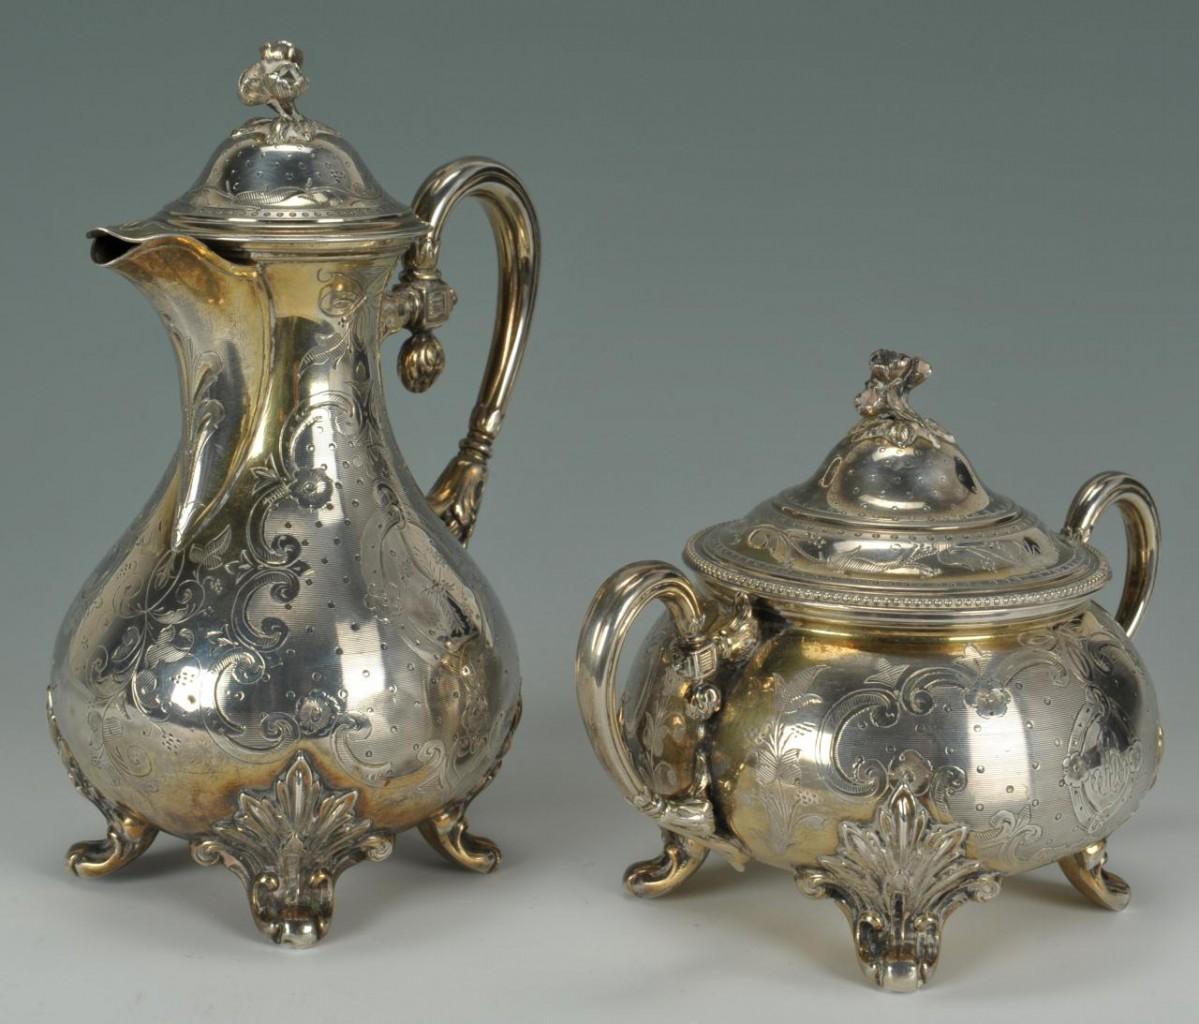 Lot 258: 3 Piece Continental Silver Tea Service